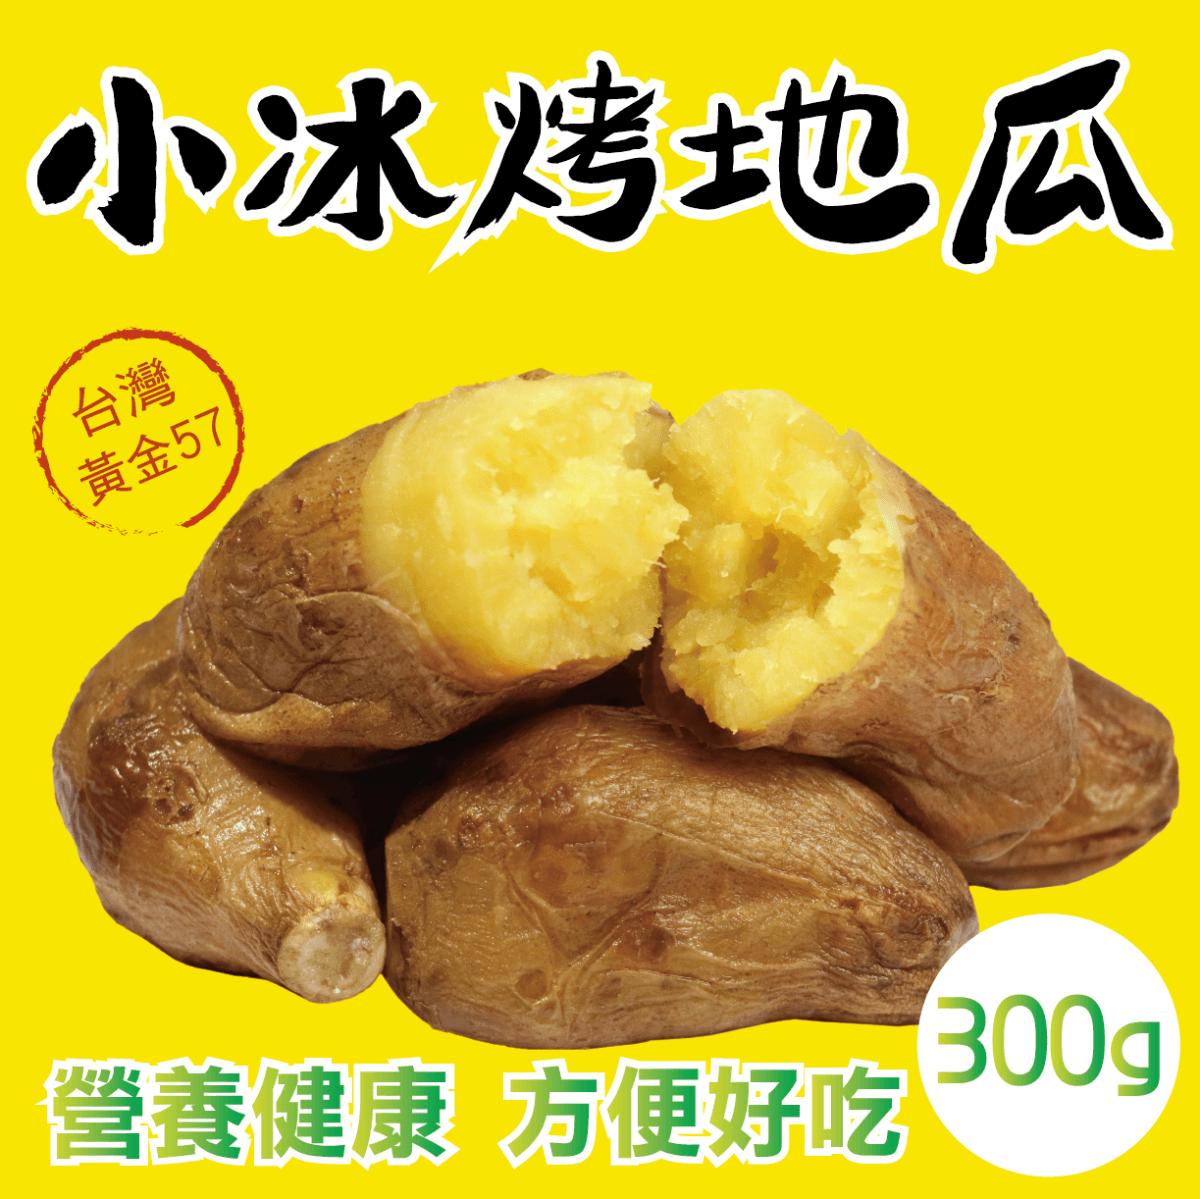 【田食原】-新鮮黃金小冰烤地瓜 300g 冰心地瓜 養生 健康 健身餐 美食 好吃 1